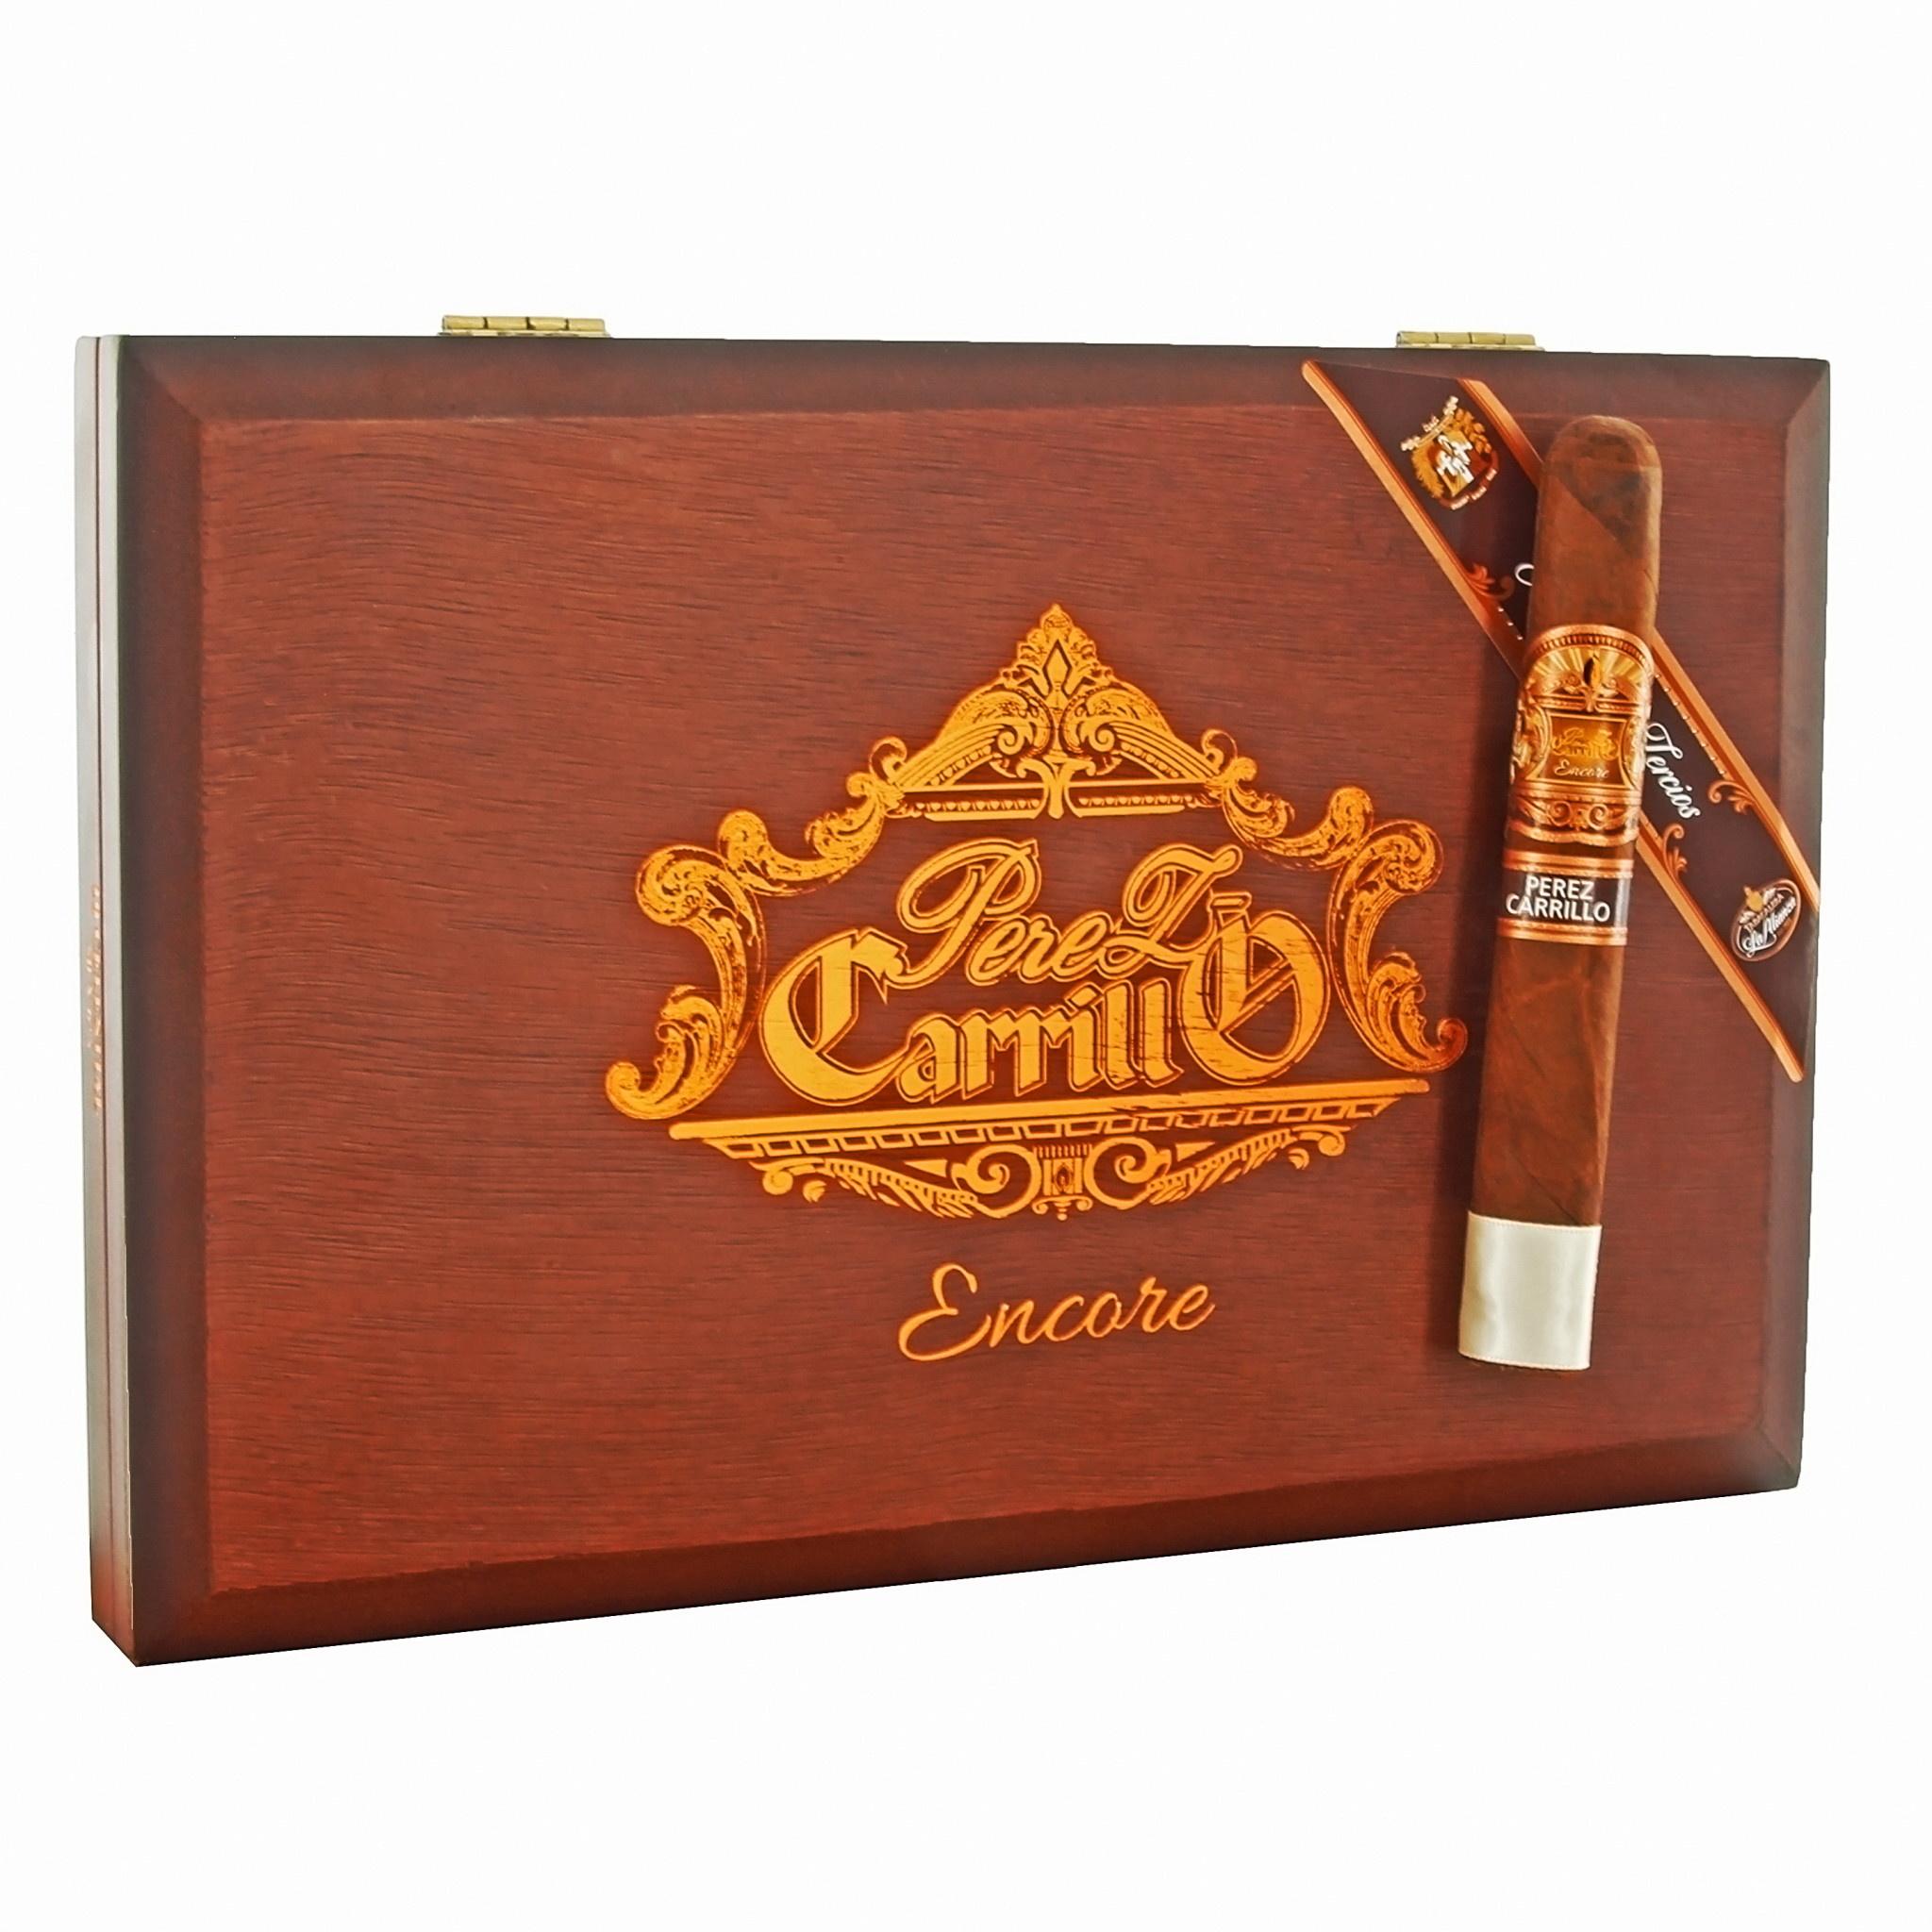 EP Carillo EPC ENCORE MAJESTIC 5 3/8X52 10CT. BOX